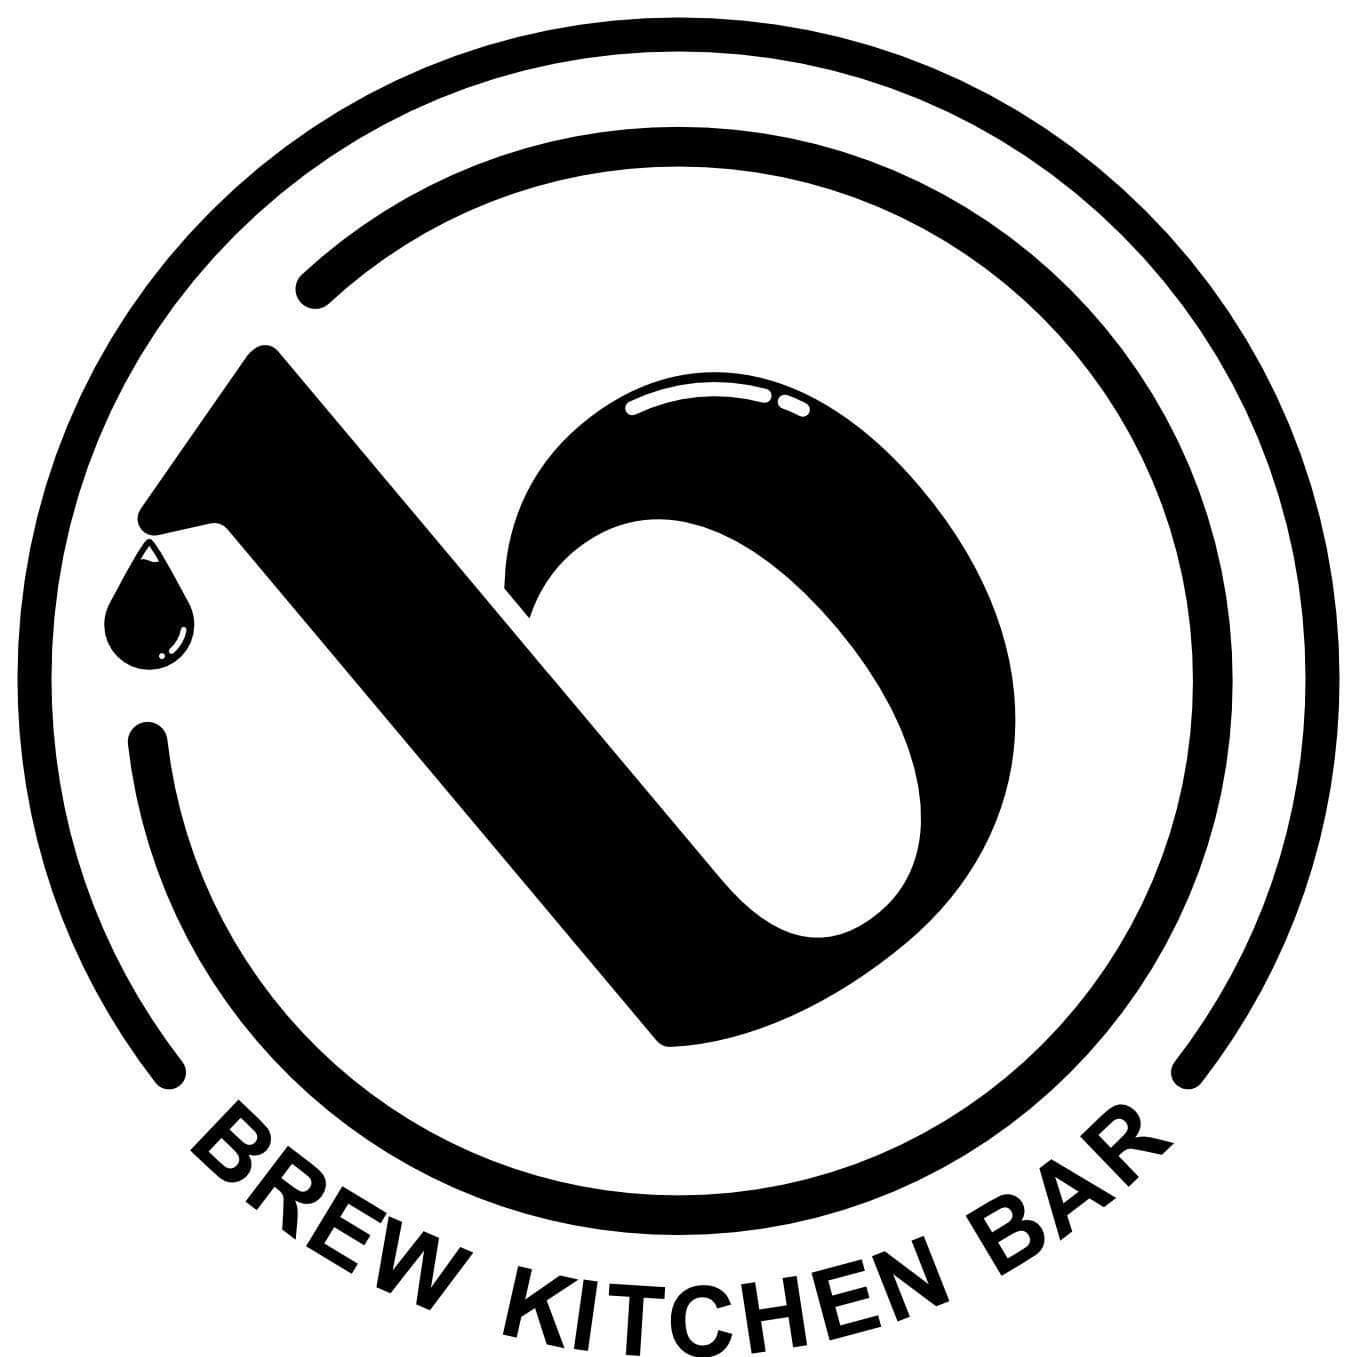 BREW KITCHEN BAR